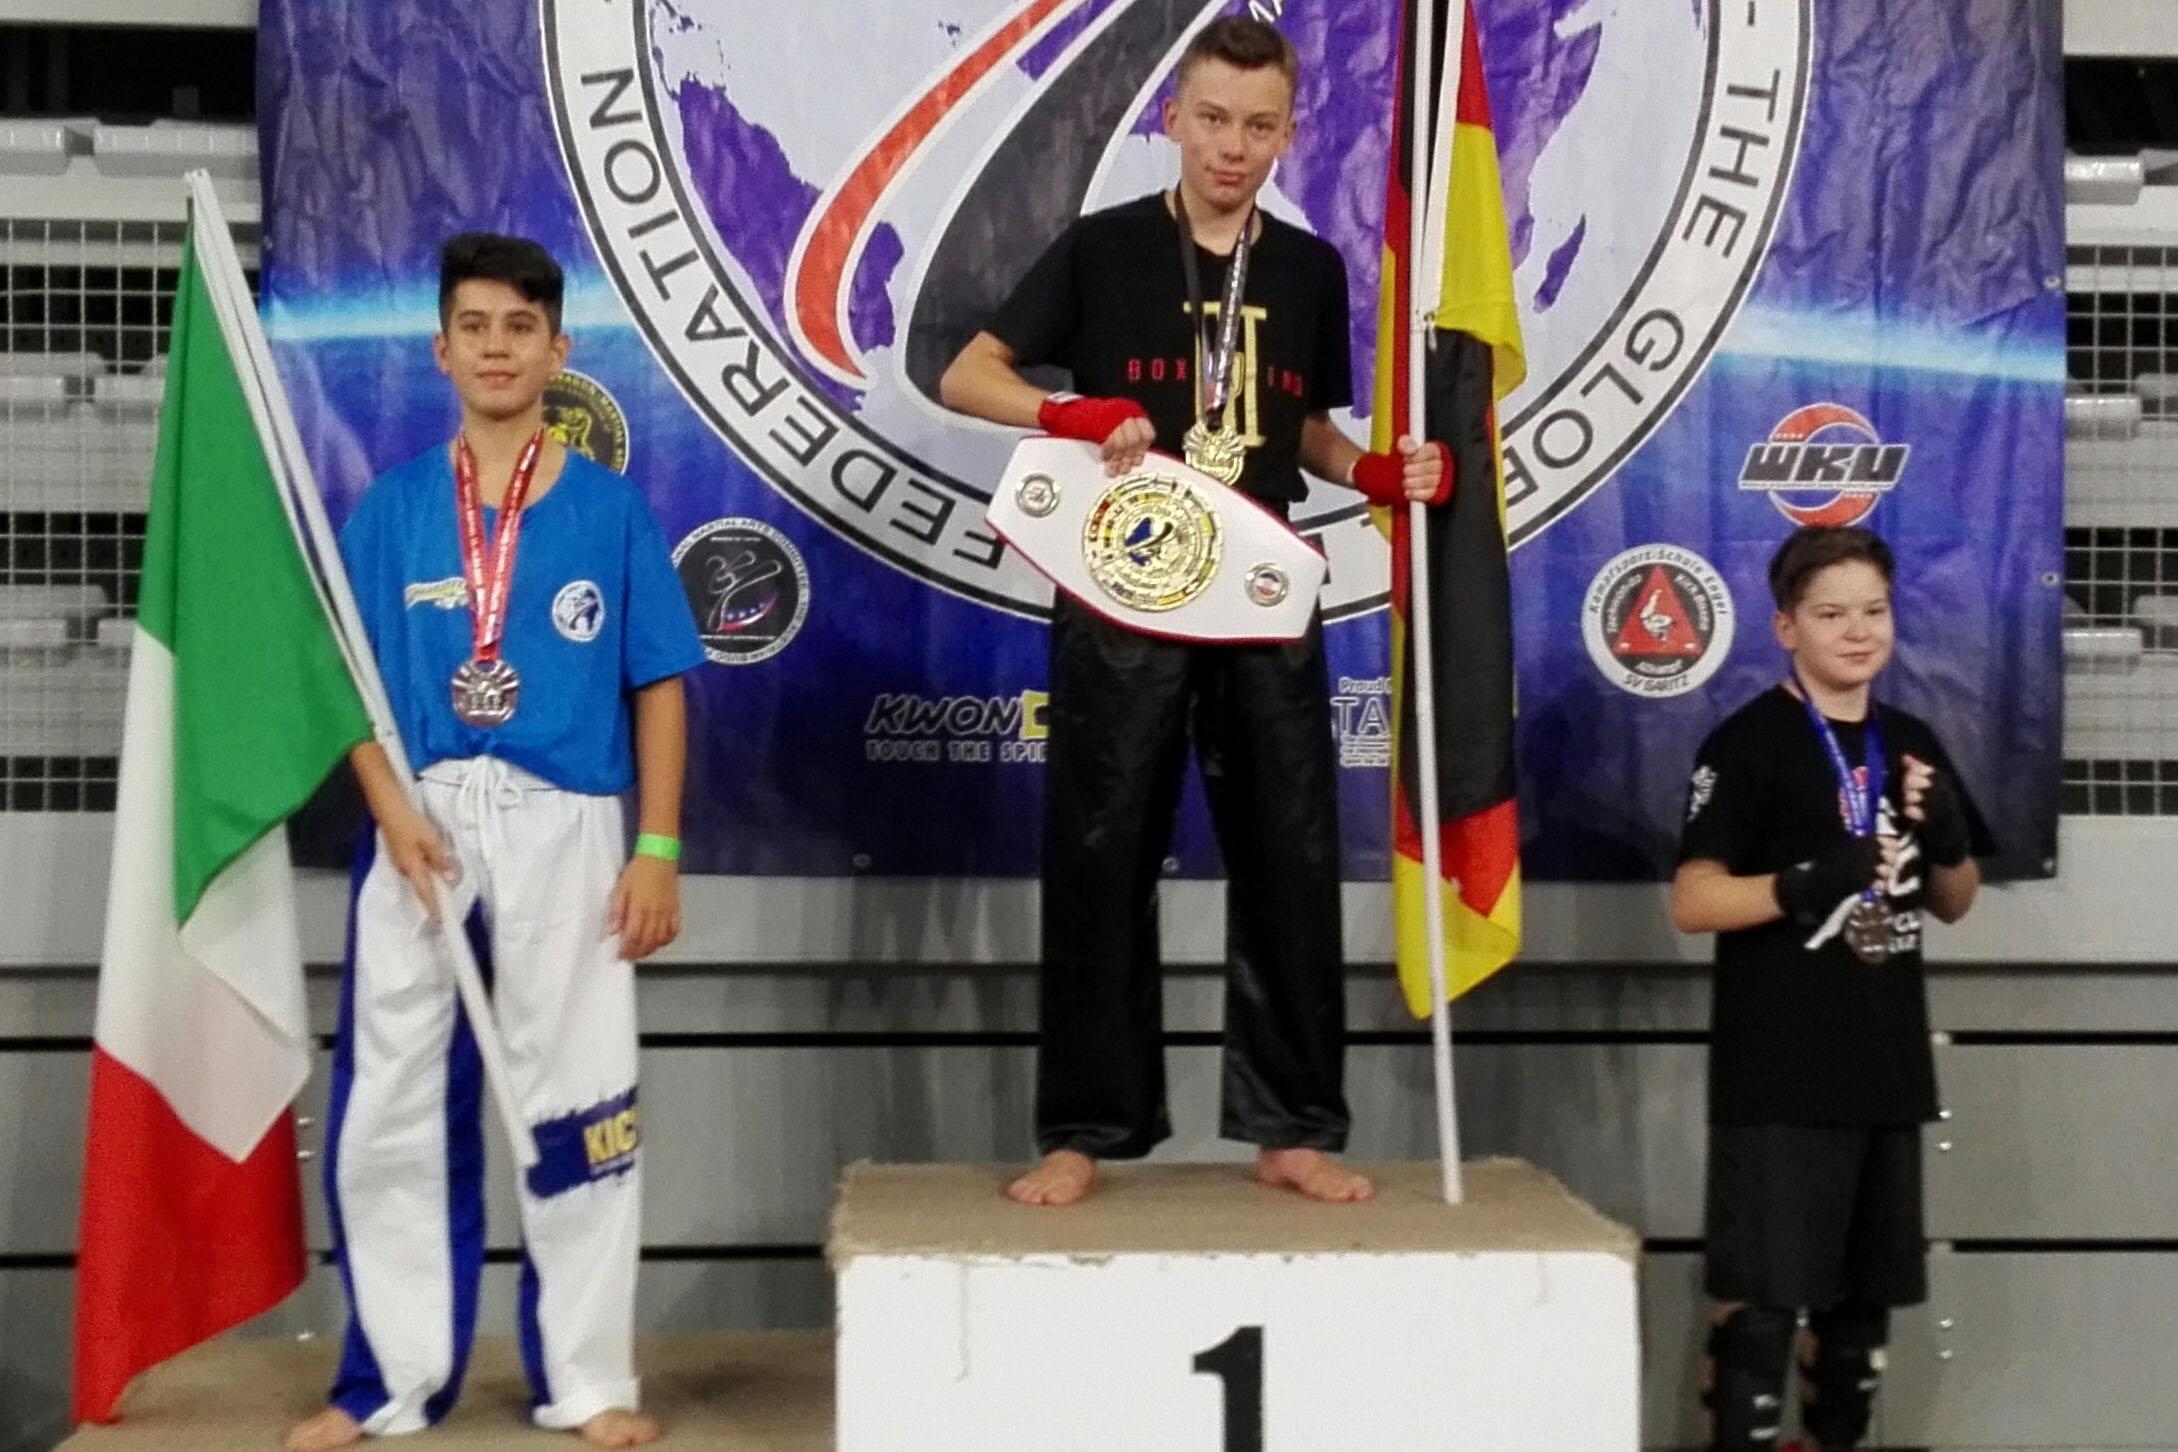 Teakwondo-Kämpfer kommen mit Medaillen aus Kroatien zurück